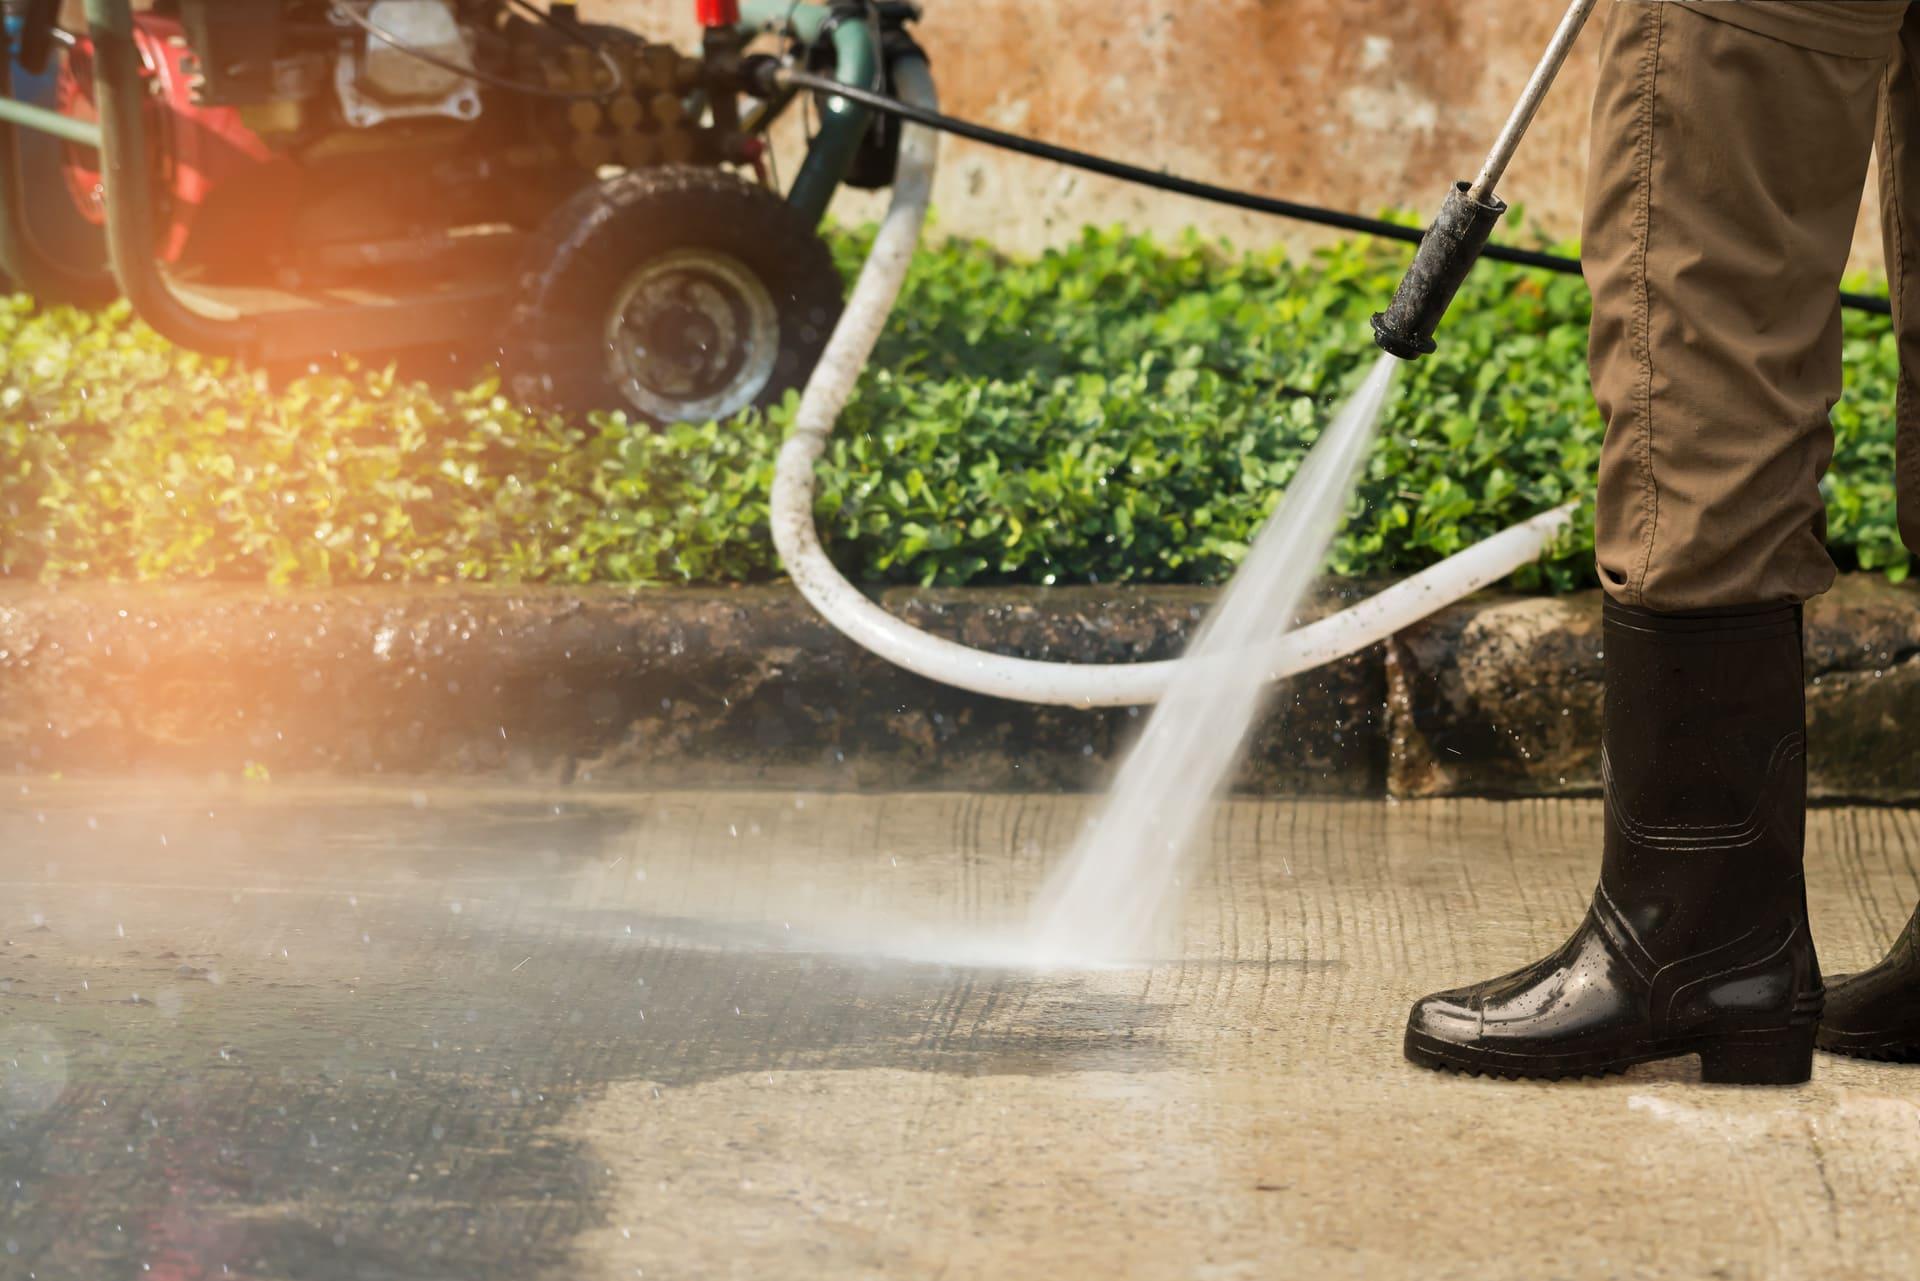 professional powerwashing services